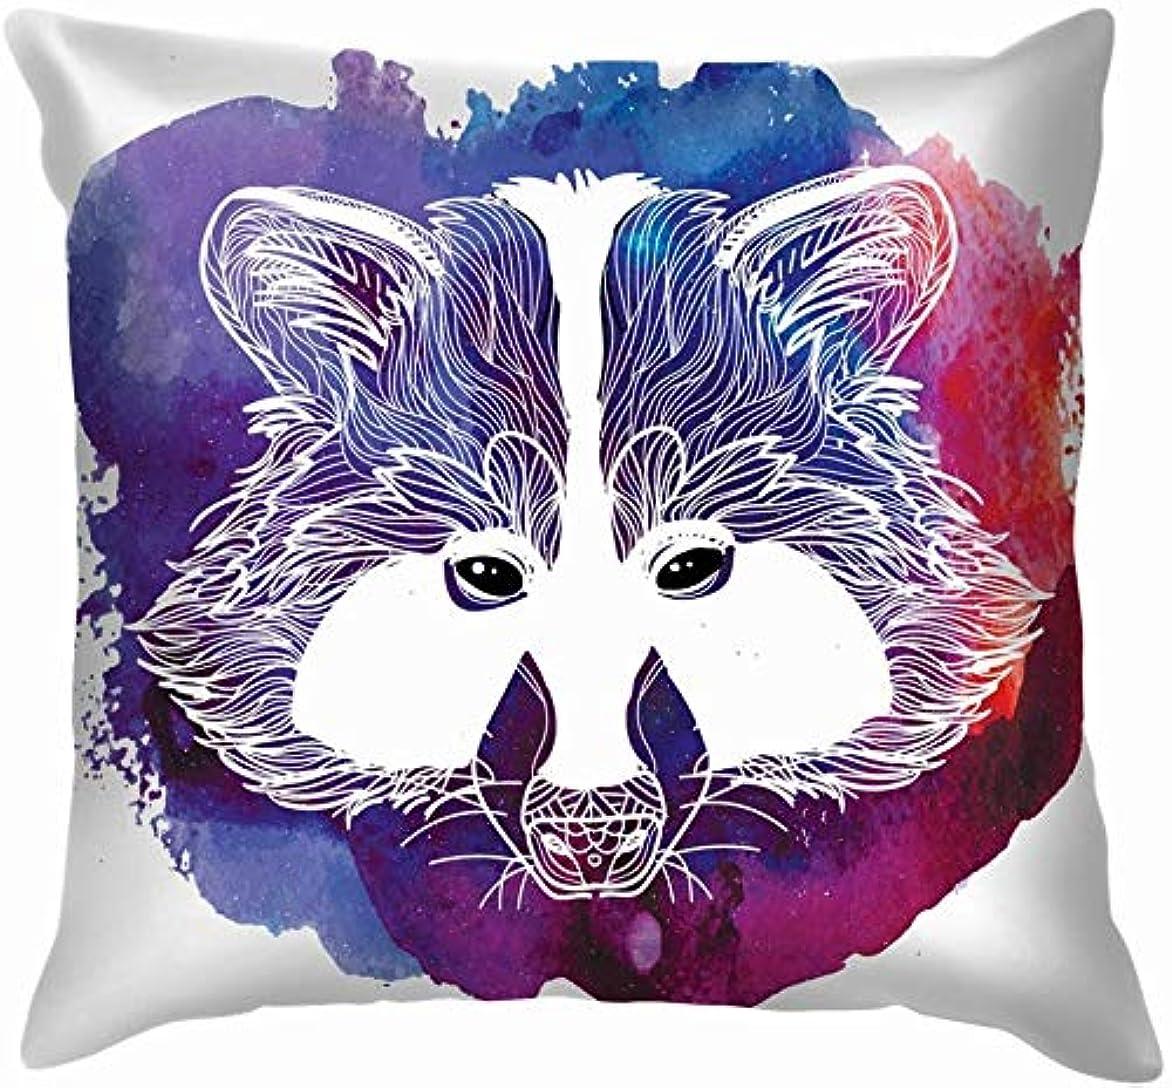 移行する告発テンポアライグマ頭犬描画動物野生動物大人芸術投げ枕カバーホームソファクッションカバー枕ギフト45×45センチ